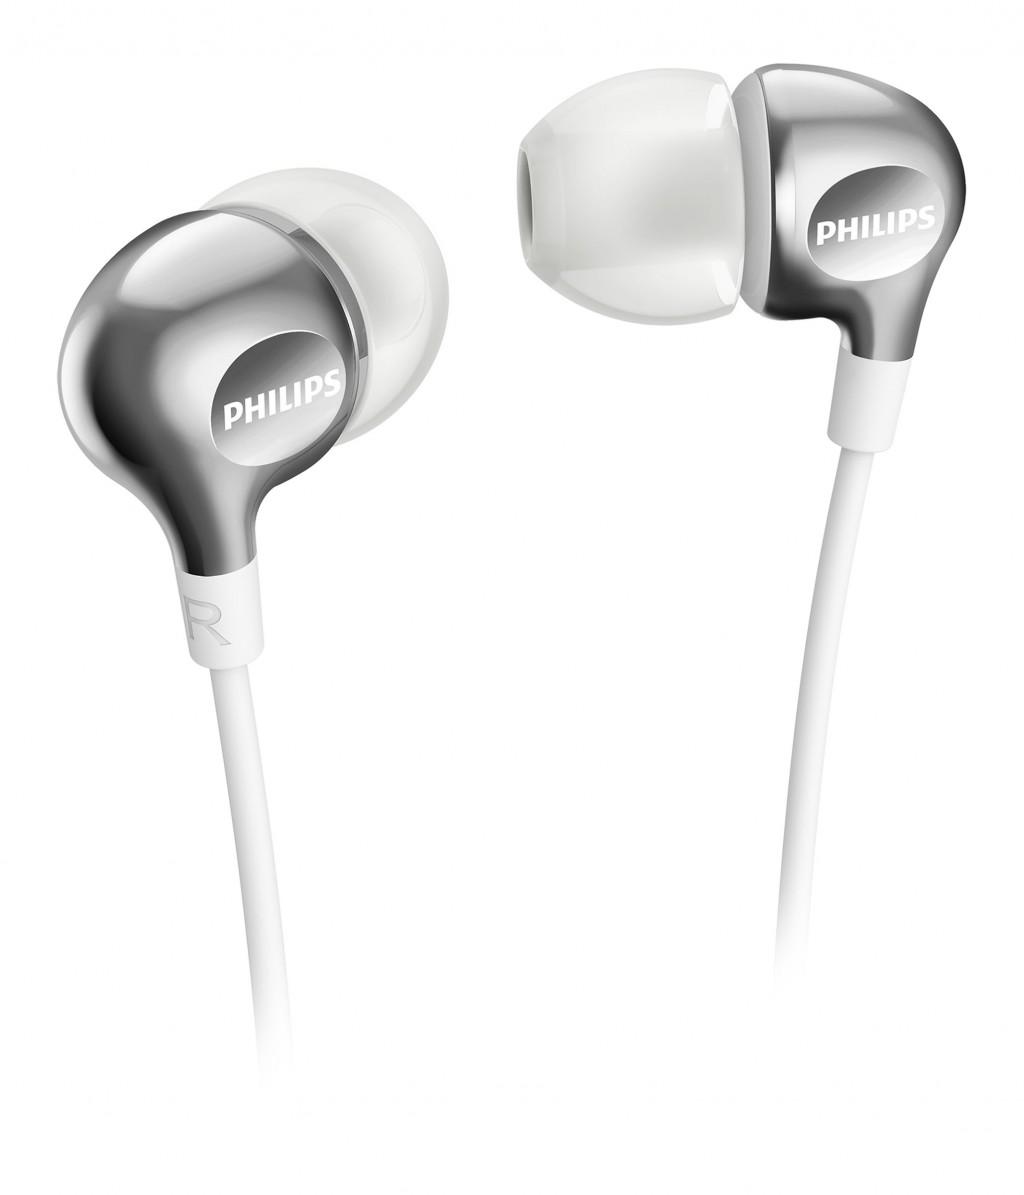 Otsing Hp In Ear H2310 Navy Blue Headset Ps Headphones She3700wt White